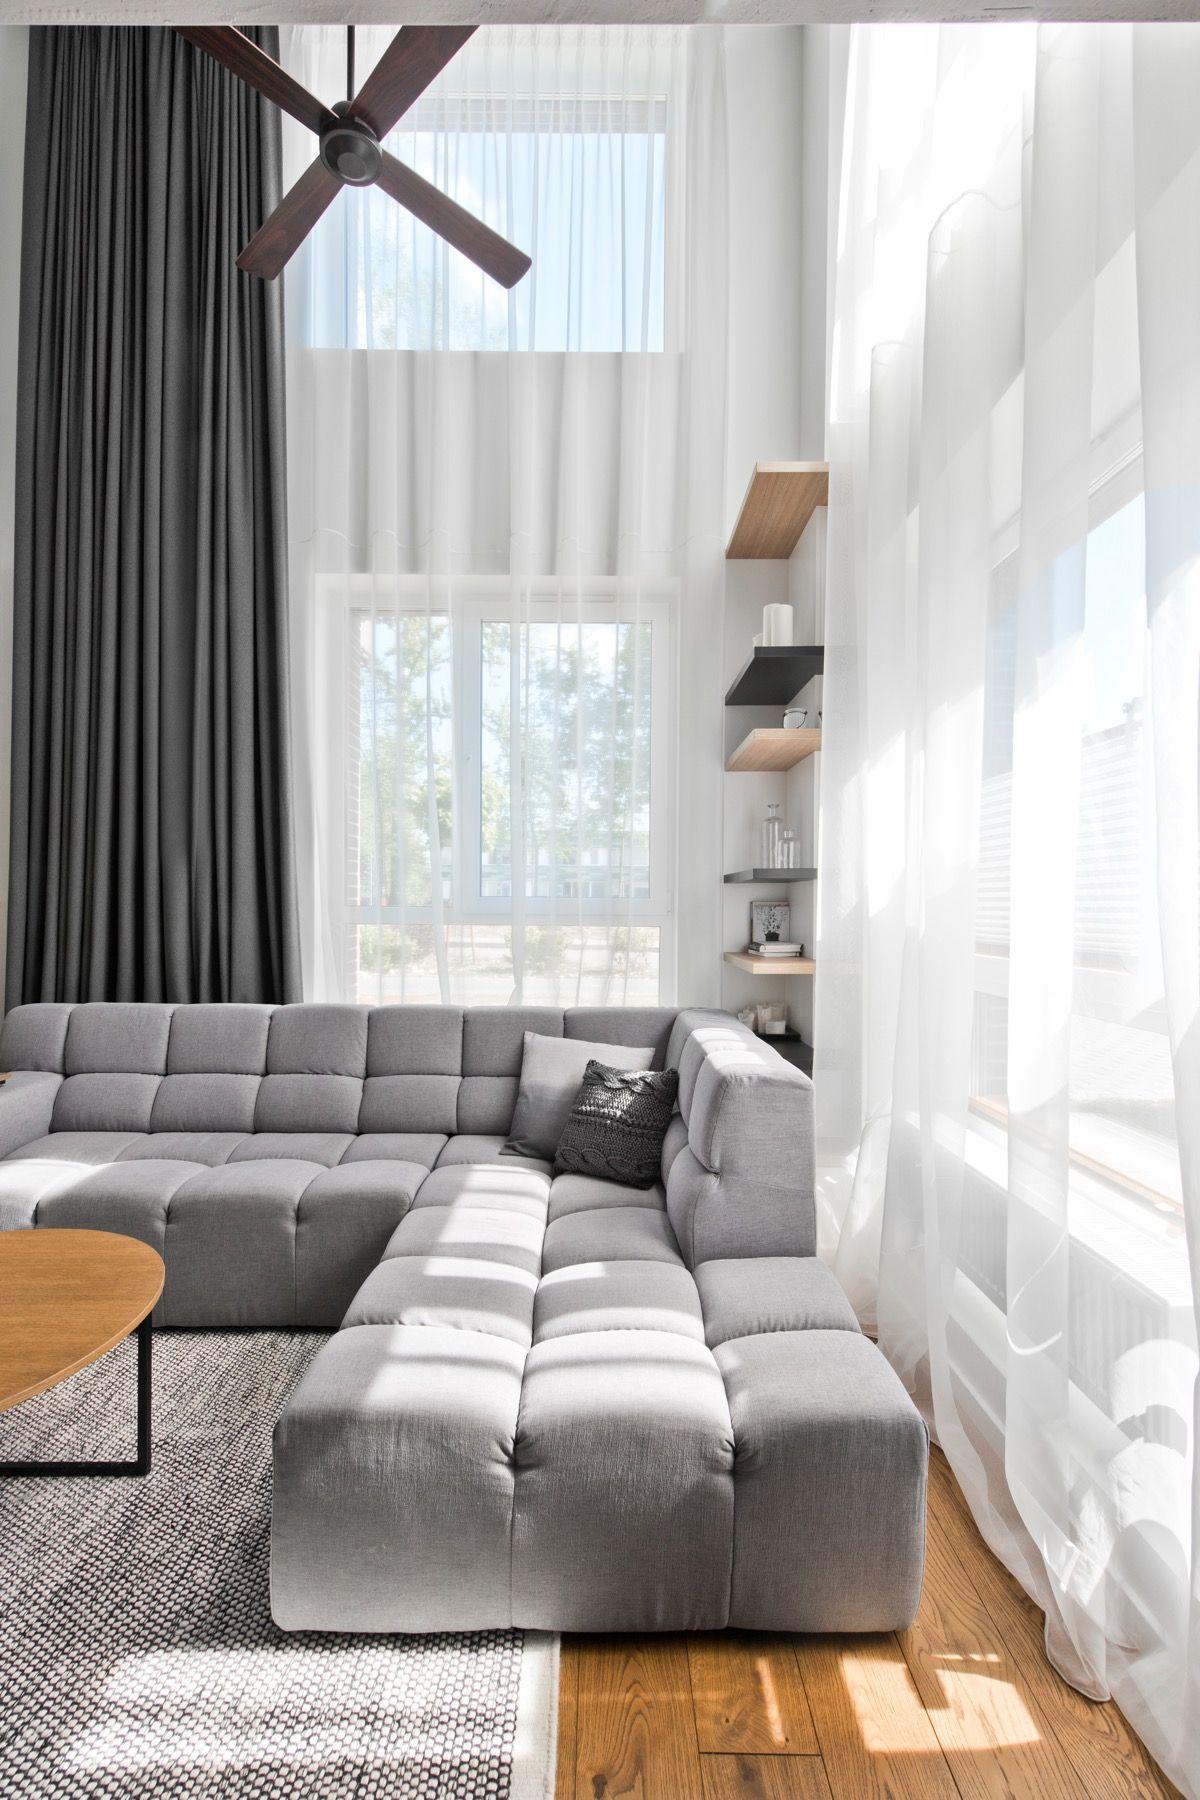 Open loft bedroom ideas  Chic Scandinavian Loft Interior  Dividing wall Loft design and